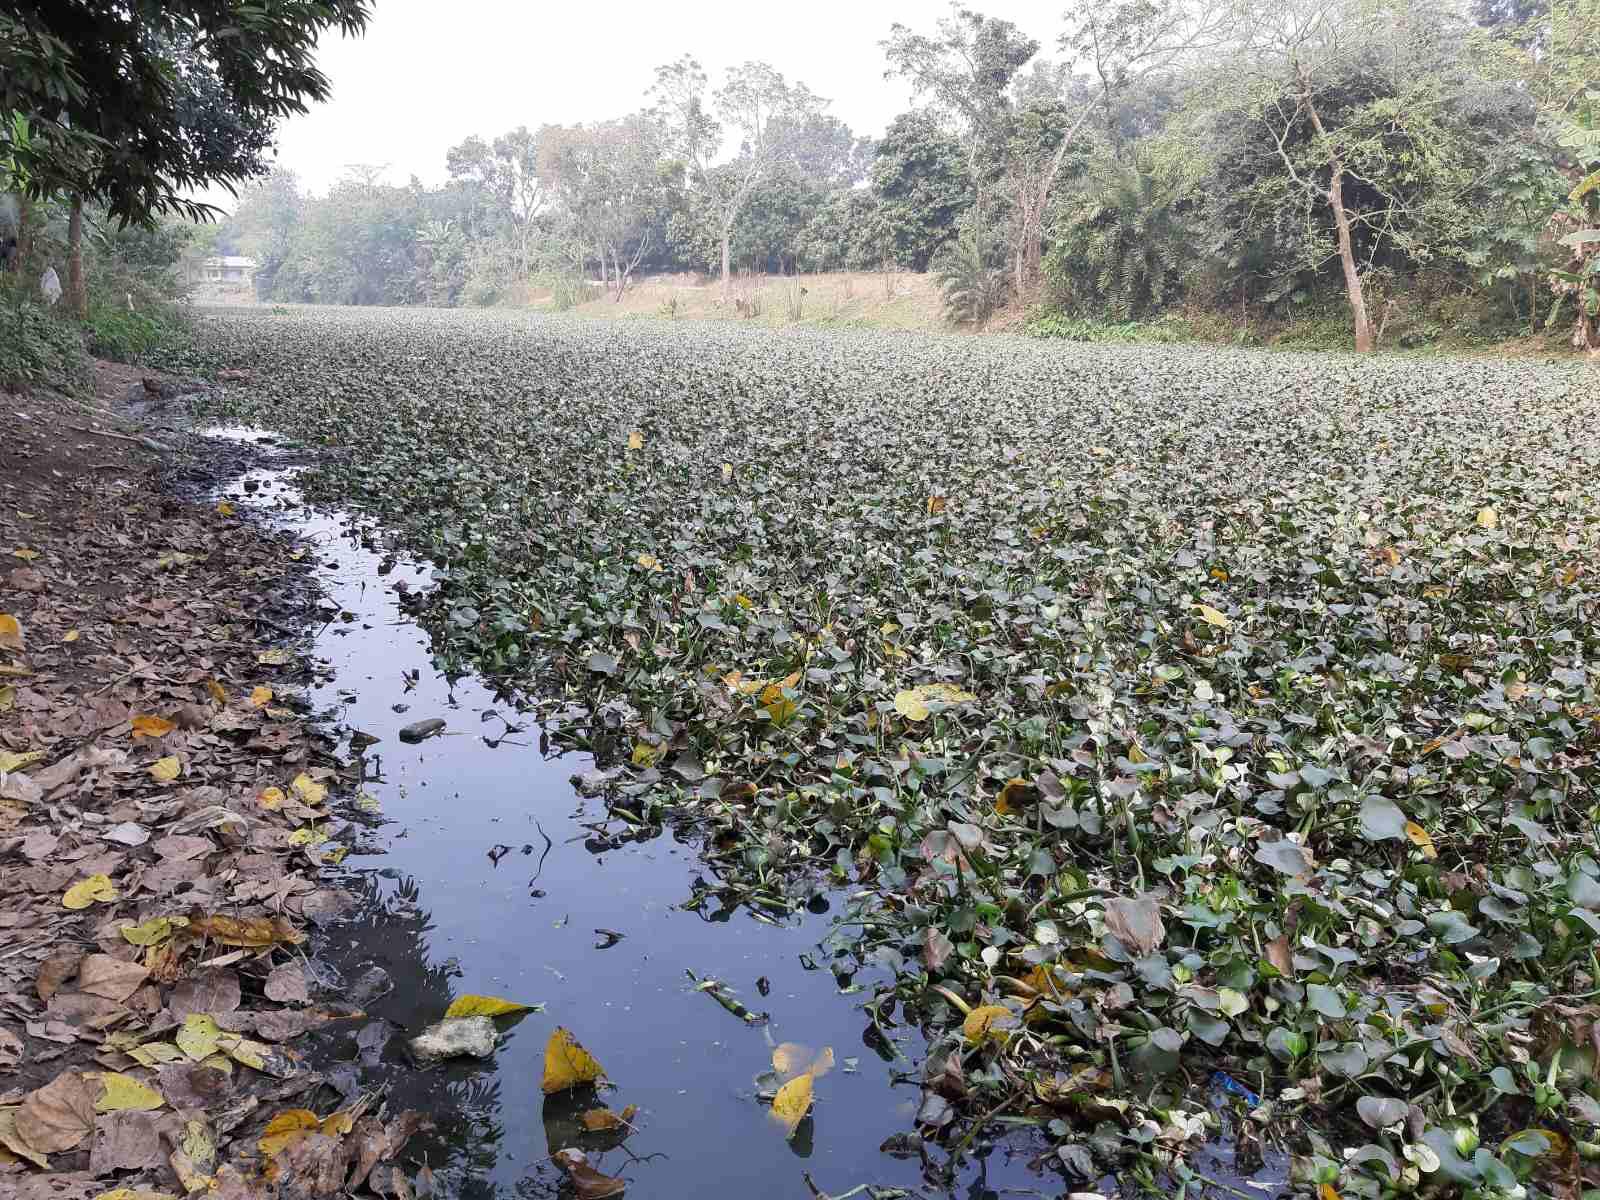 Ichamati-River-Pabna-Bangladesh-as-of-January-2021-3.jpg